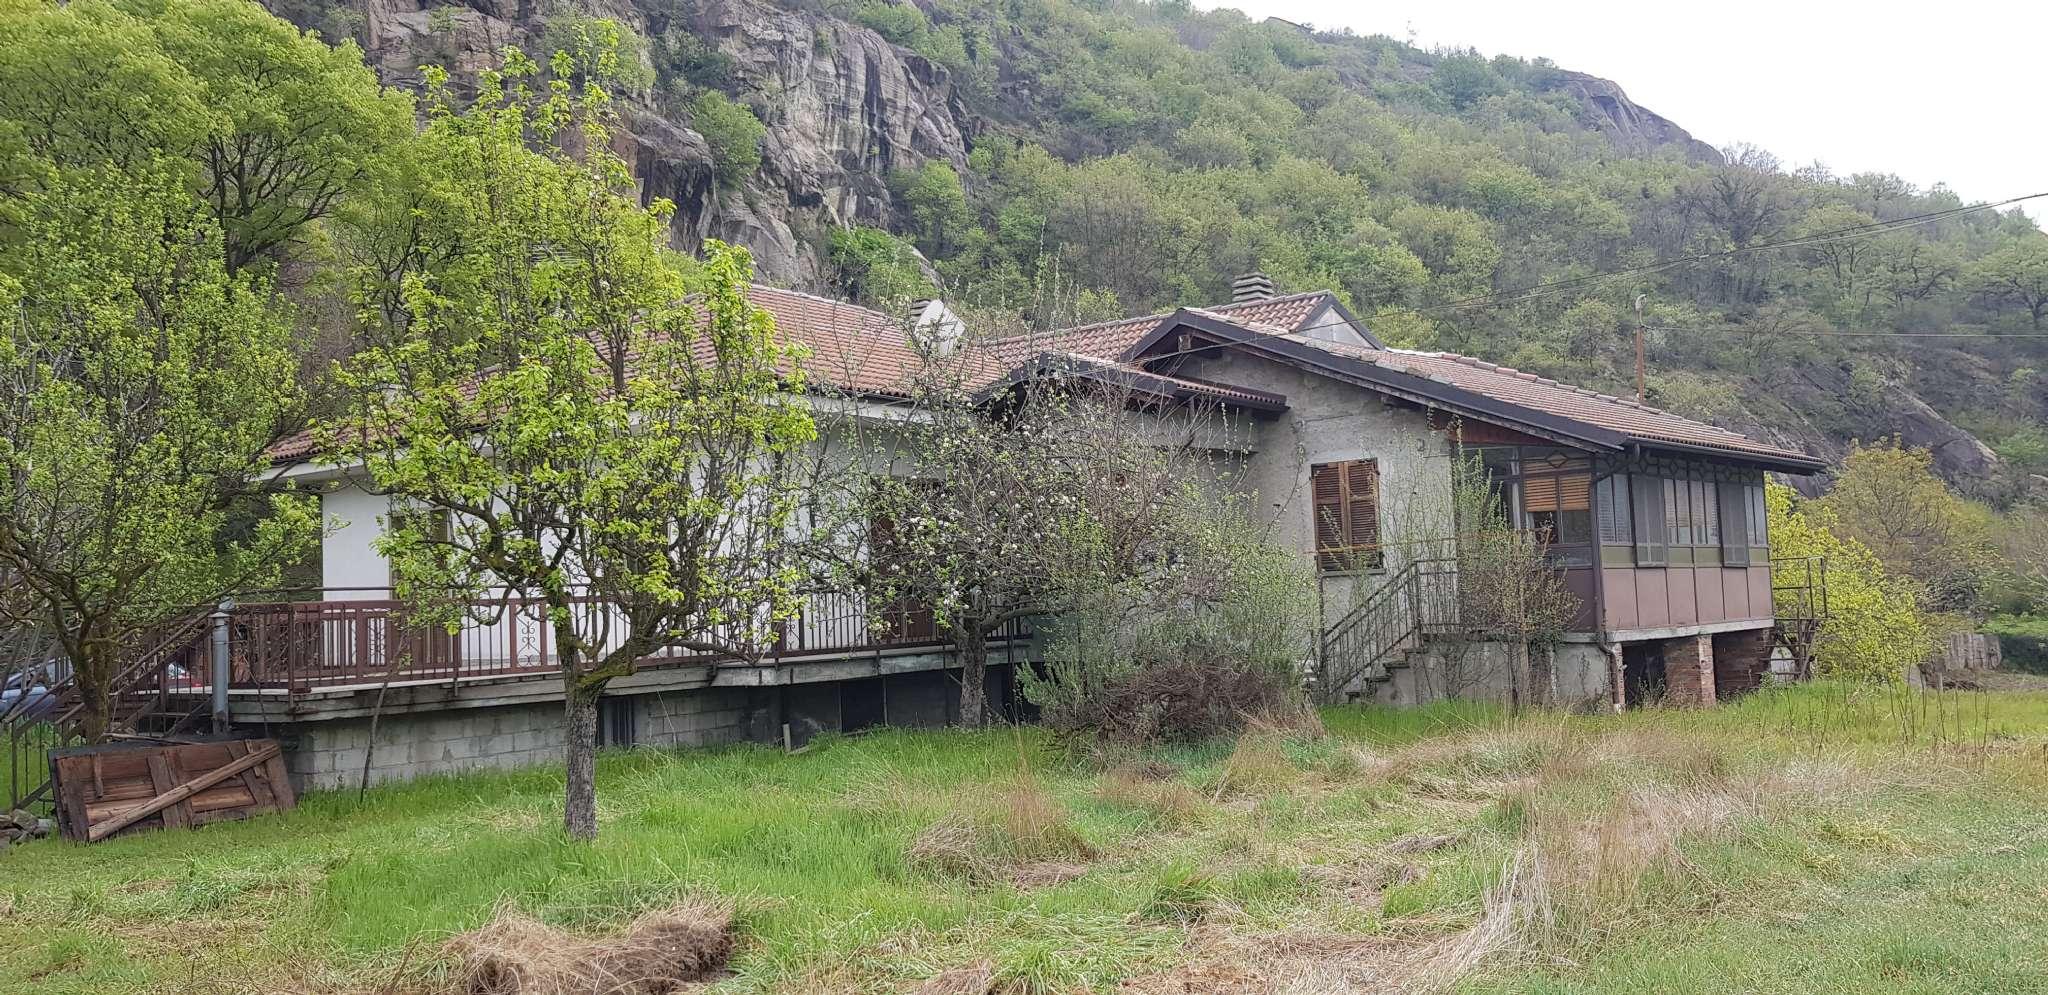 Soluzione Semindipendente in vendita a Borgone Susa, 6 locali, prezzo € 170.000 | CambioCasa.it